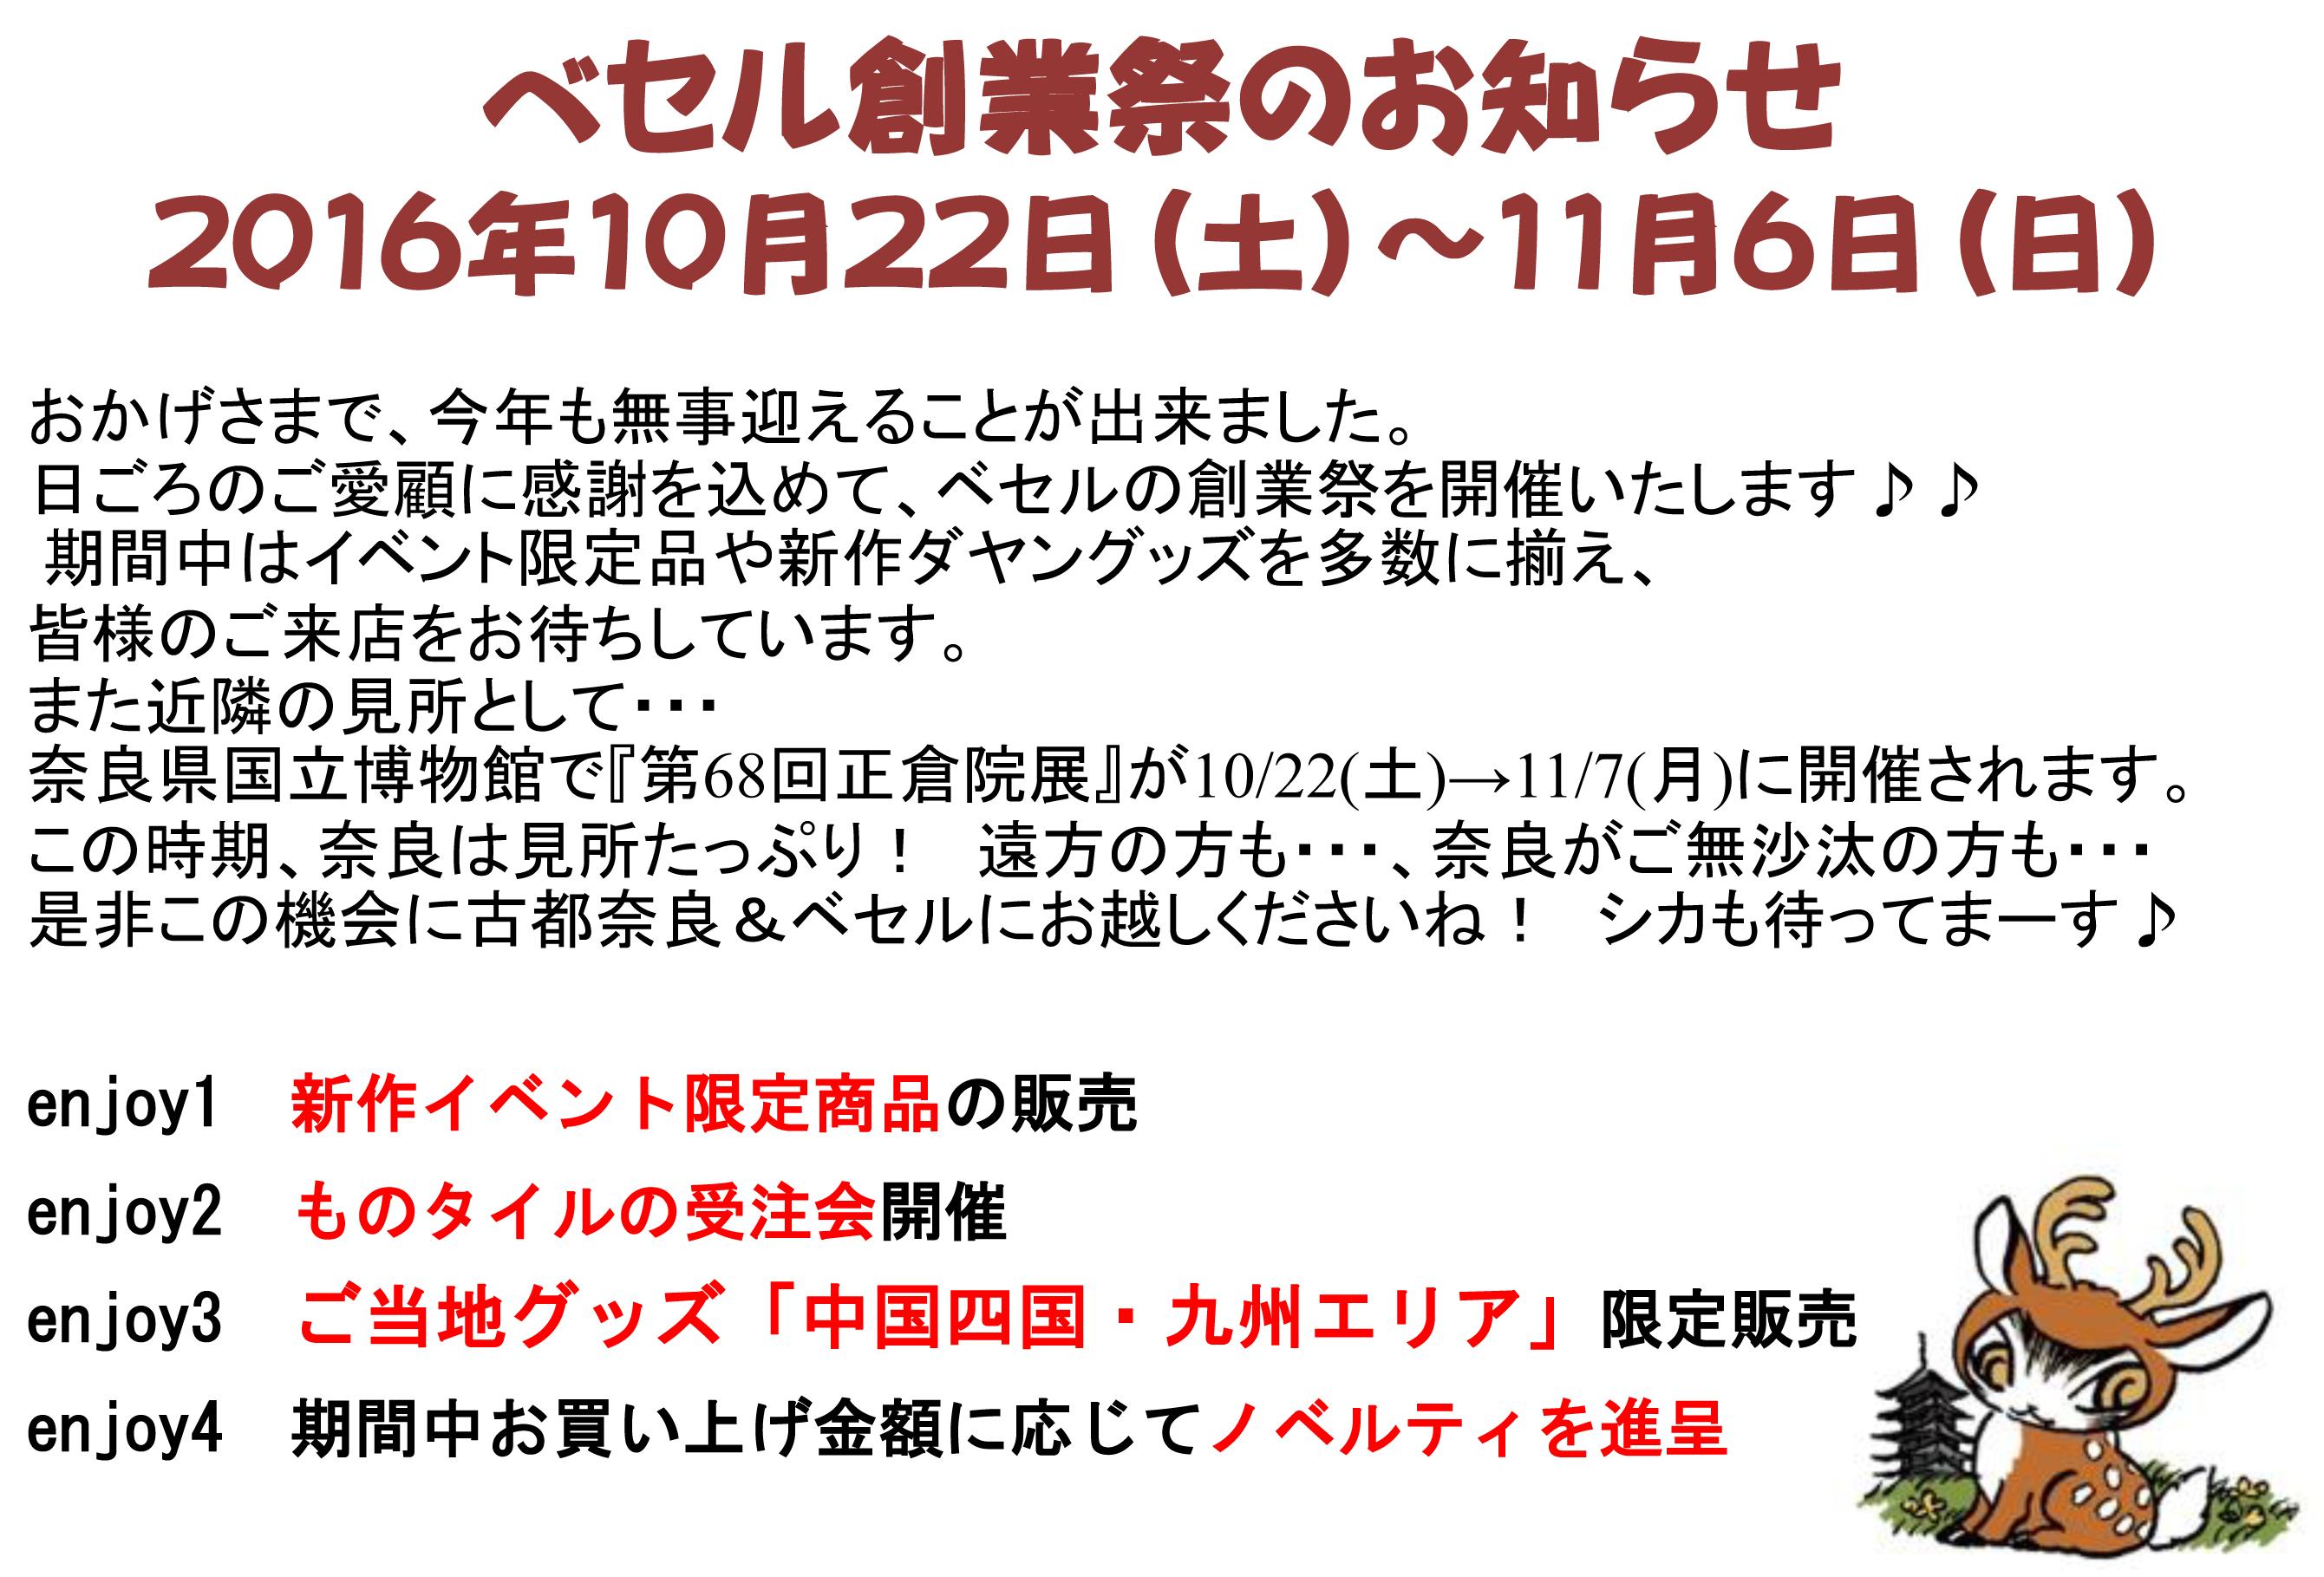 ベセル創業祭のお知らせ2016.jpg